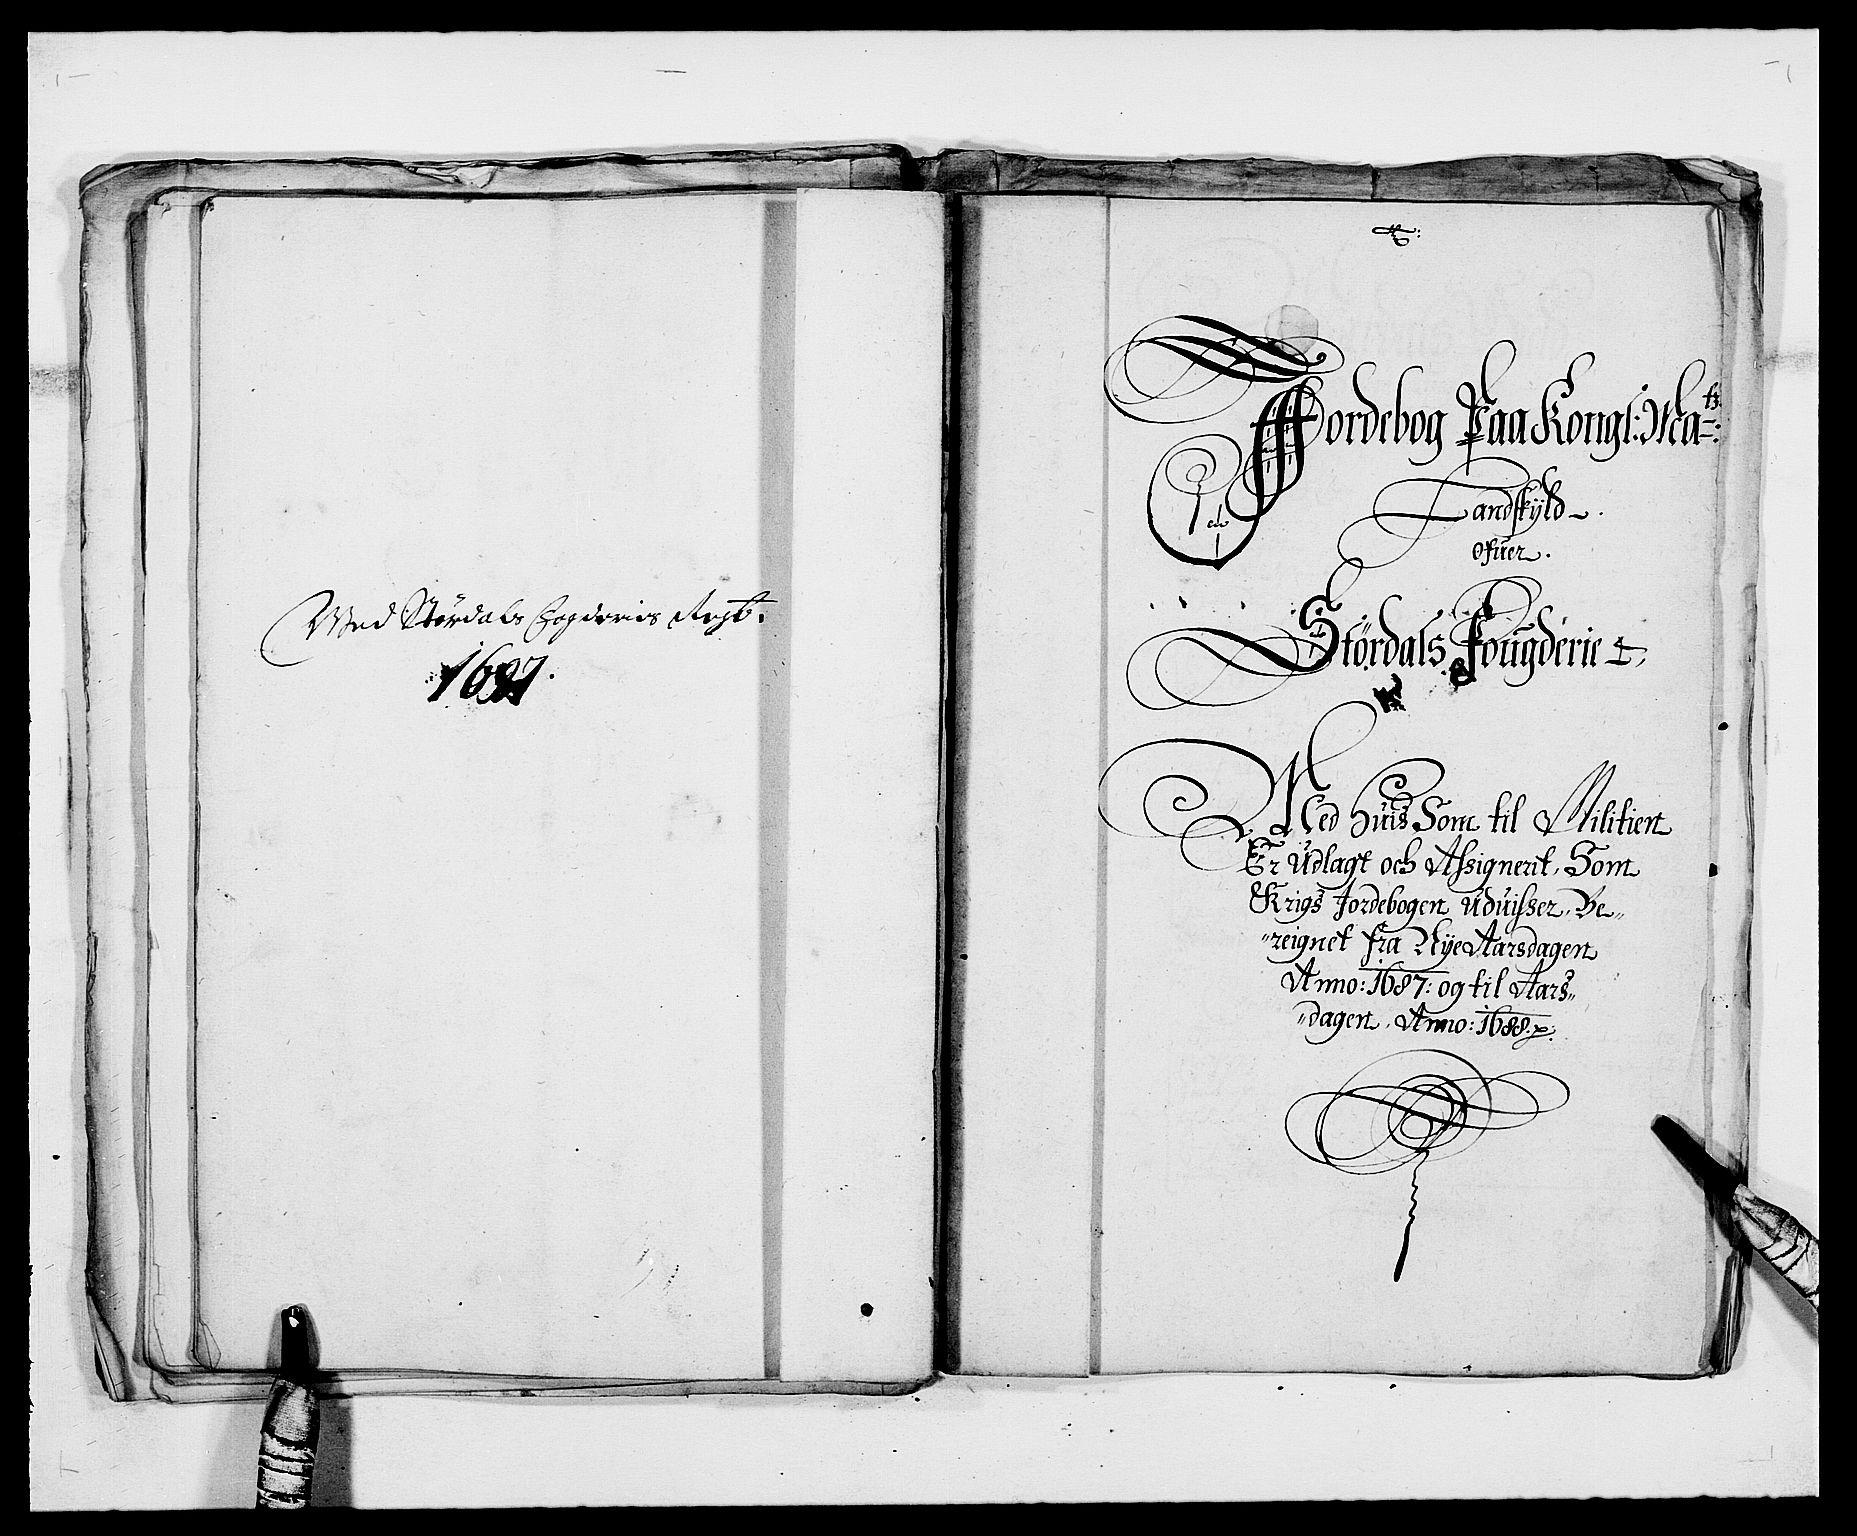 RA, Rentekammeret inntil 1814, Reviderte regnskaper, Fogderegnskap, R62/L4183: Fogderegnskap Stjørdal og Verdal, 1687-1689, s. 84